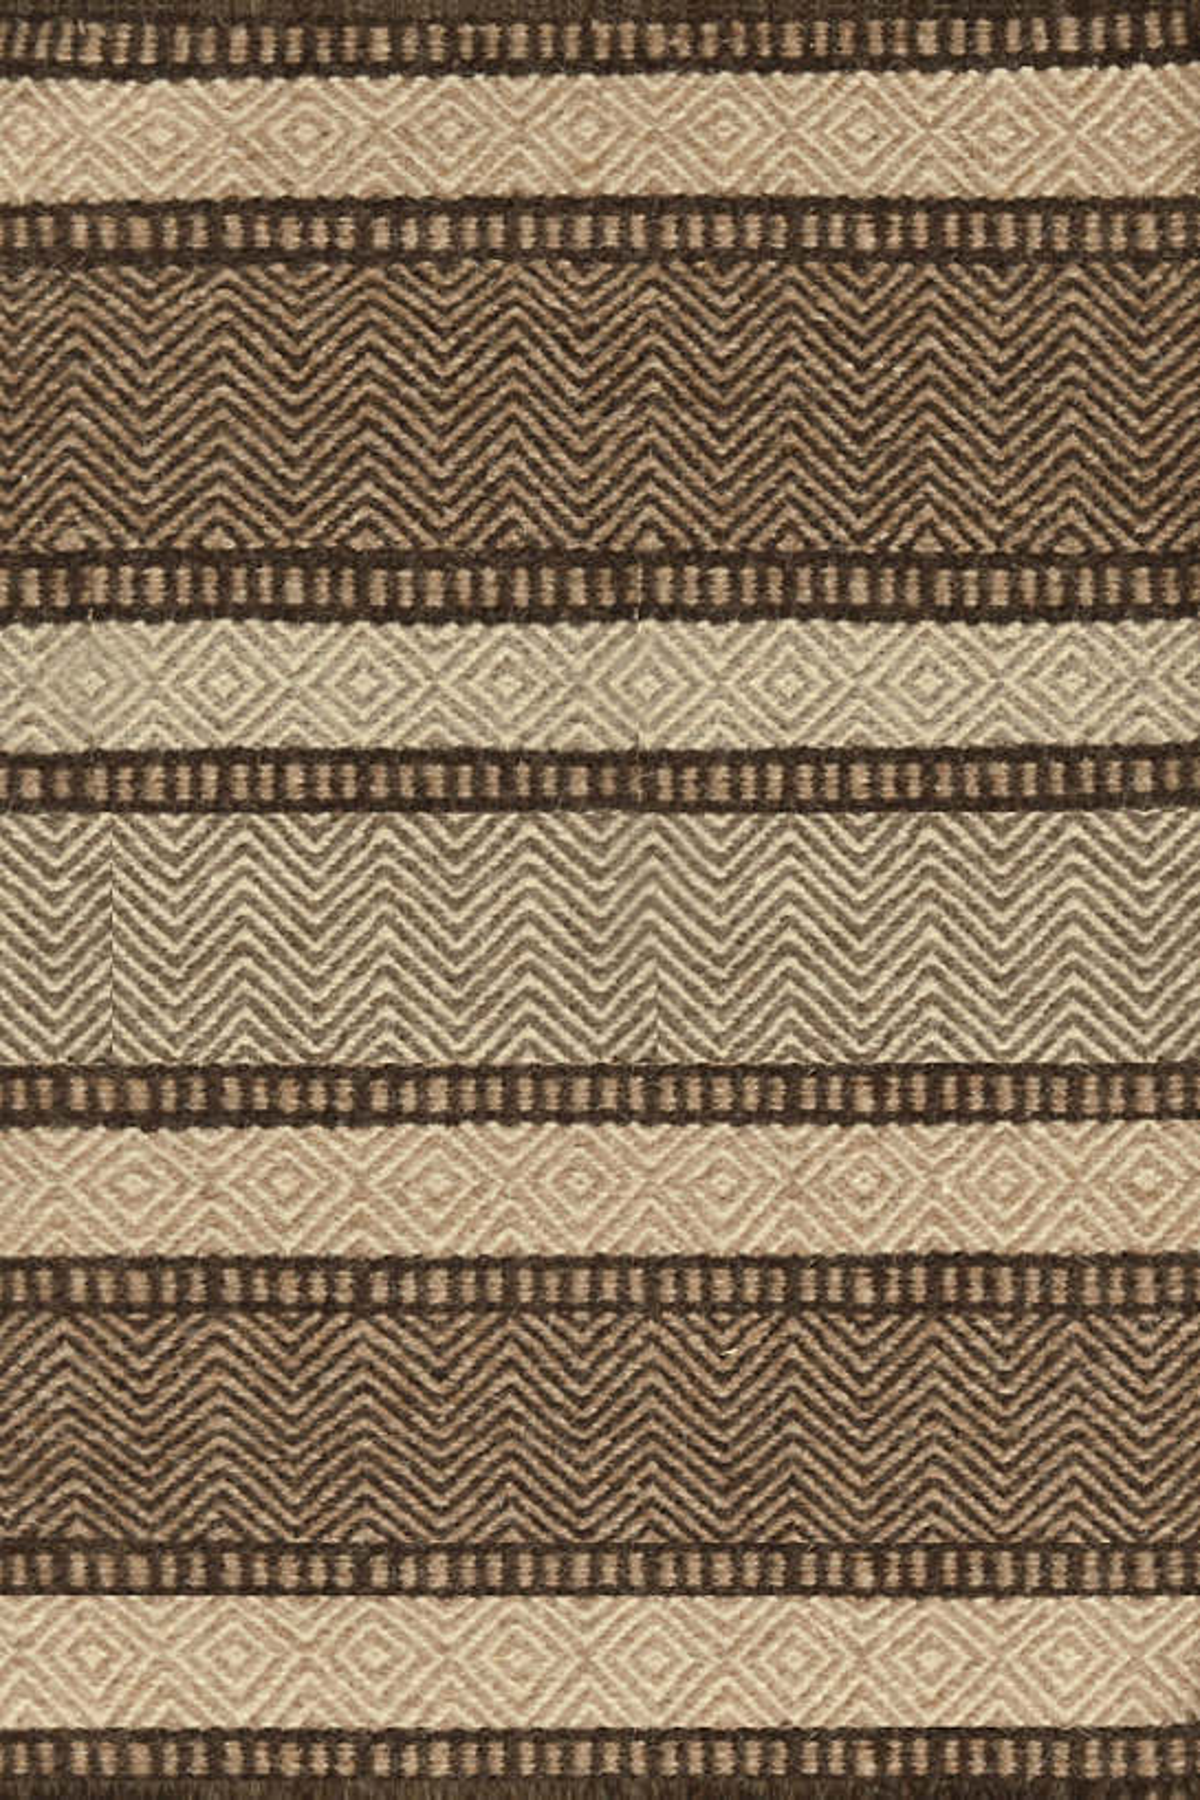 Scandia Wool Woven Rug